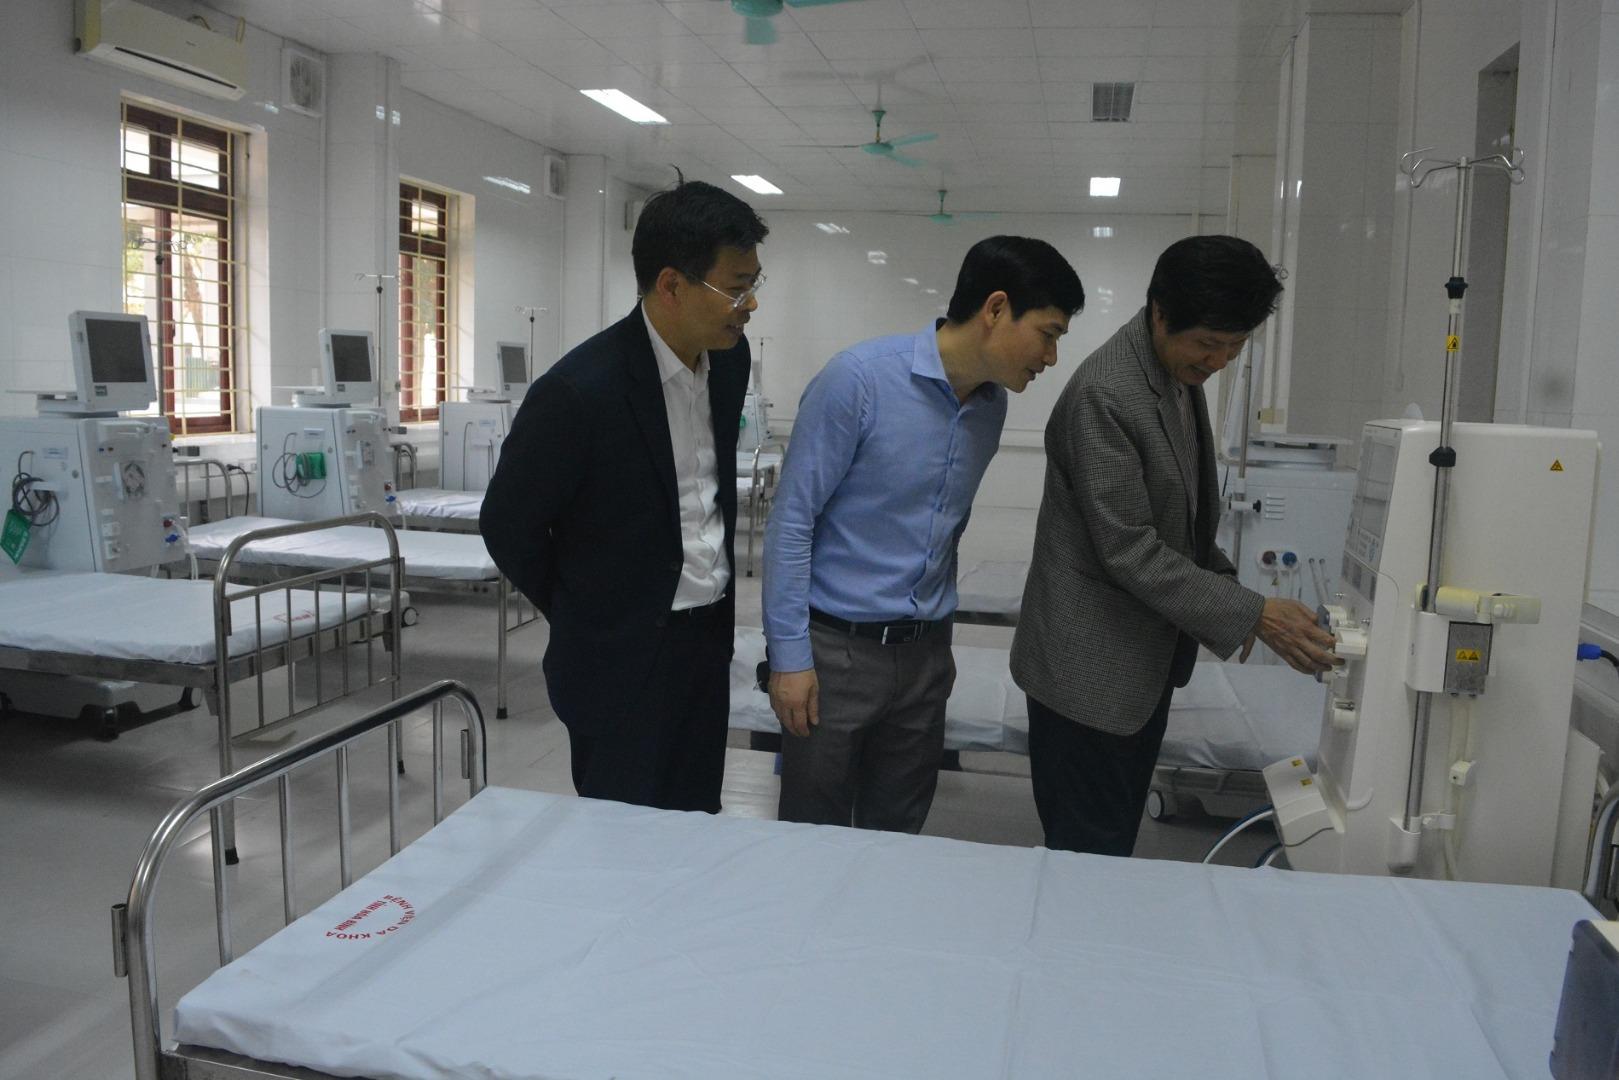 Đơn nguyên Thận nhân tạo đáp ứng tốt nhu cầu điều trị của bệnh nhân lọc máu sau 05 ngày tái hoạt...